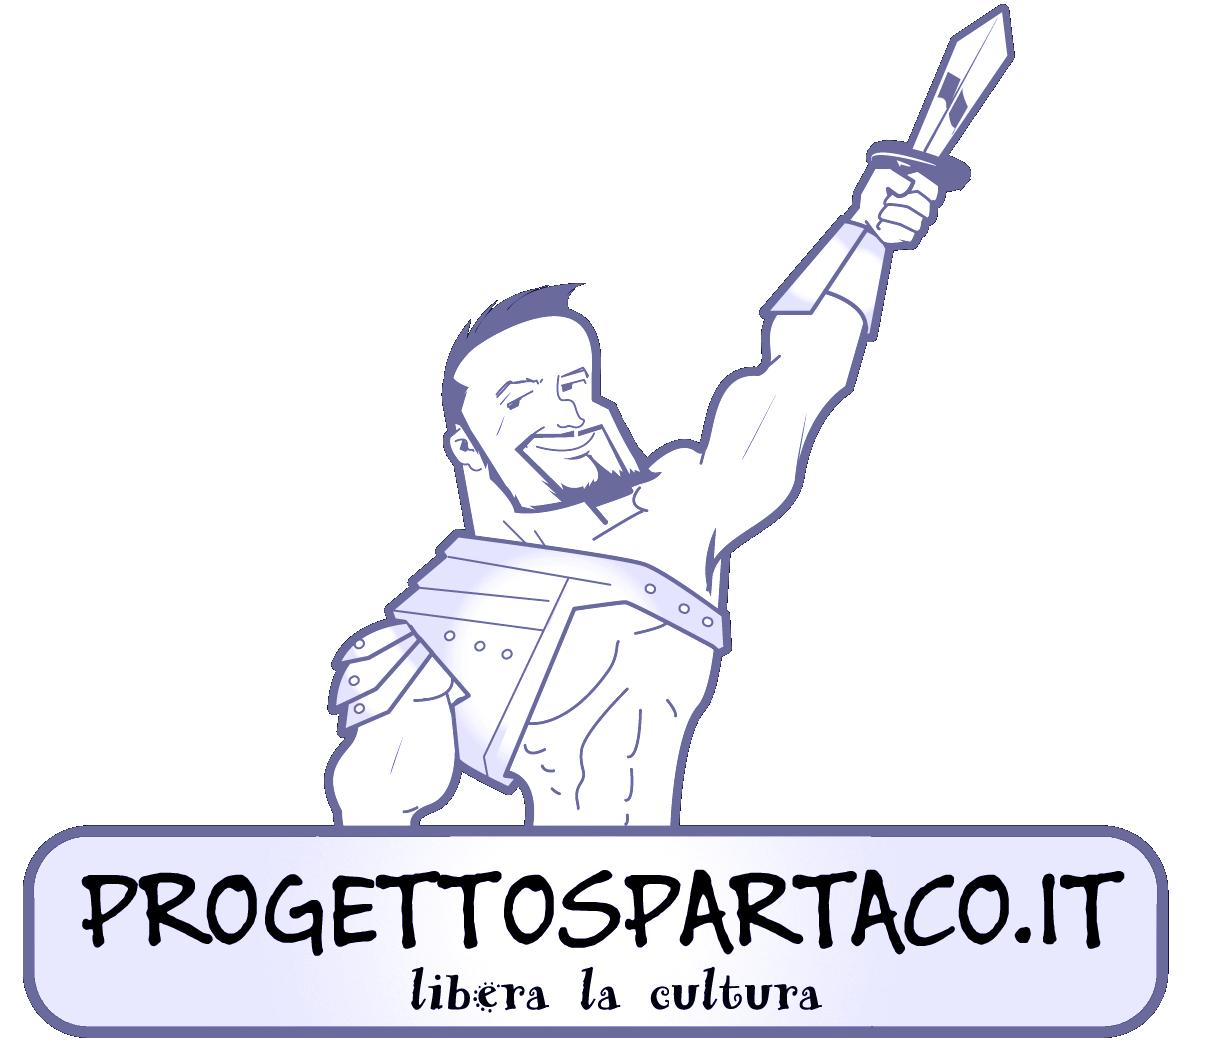 progetto spartaco